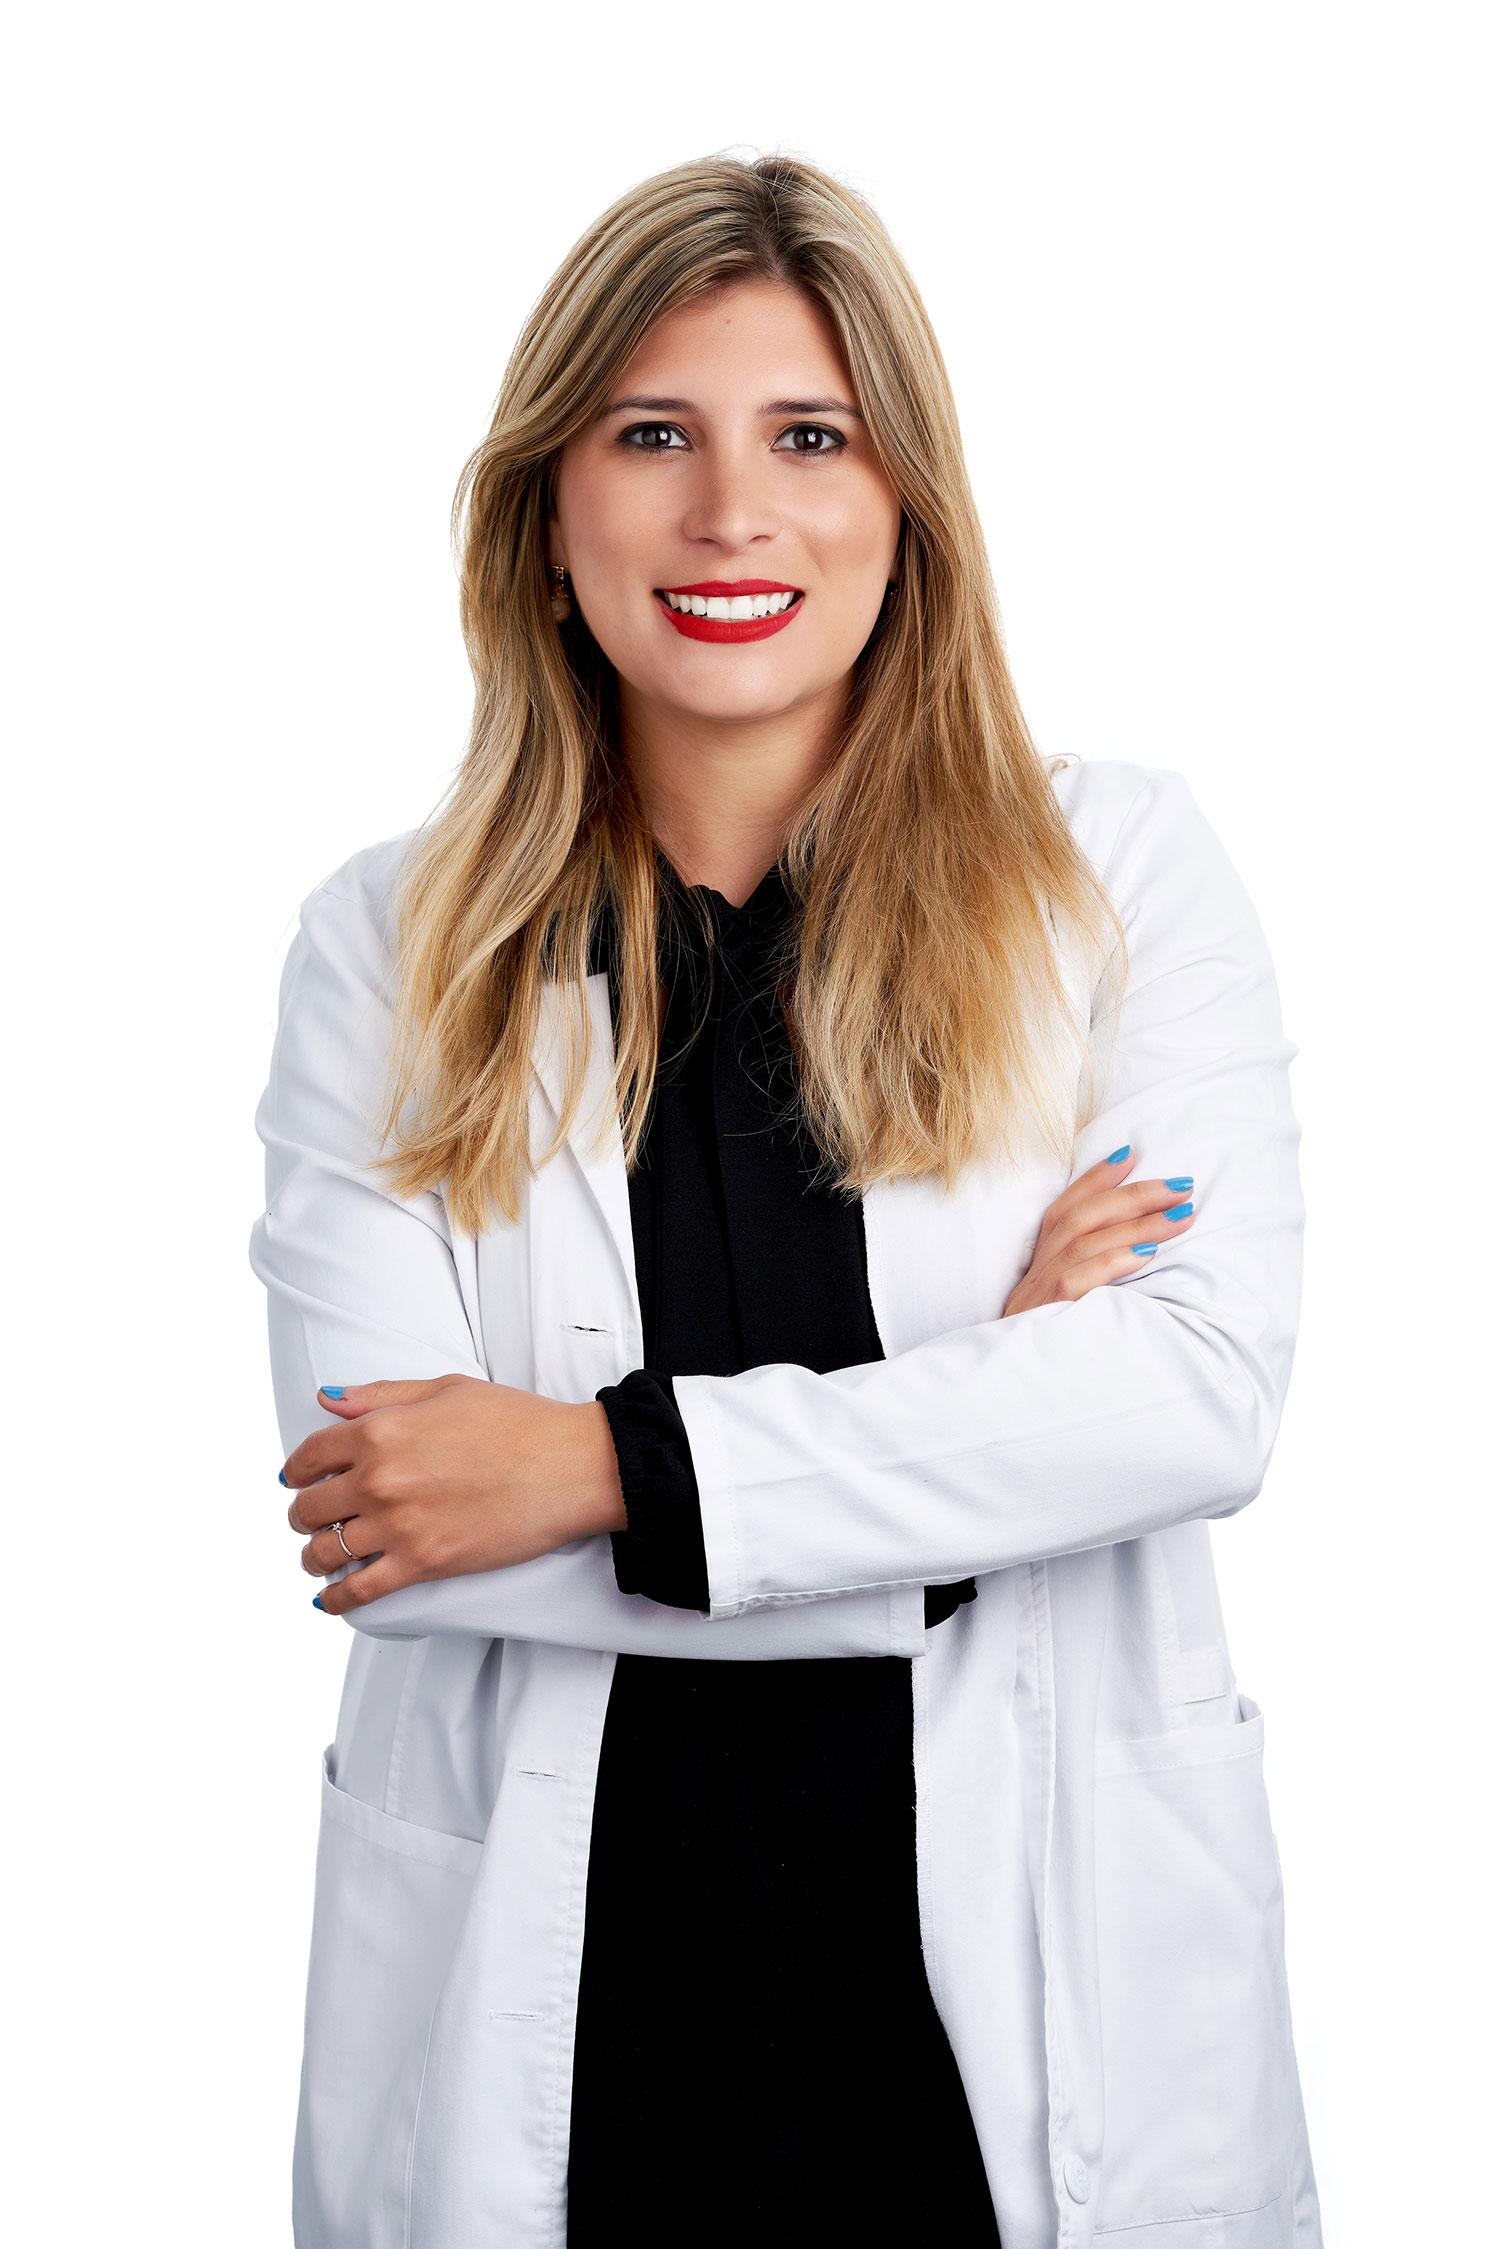 Dra. Vanessa Duarte Amundaray